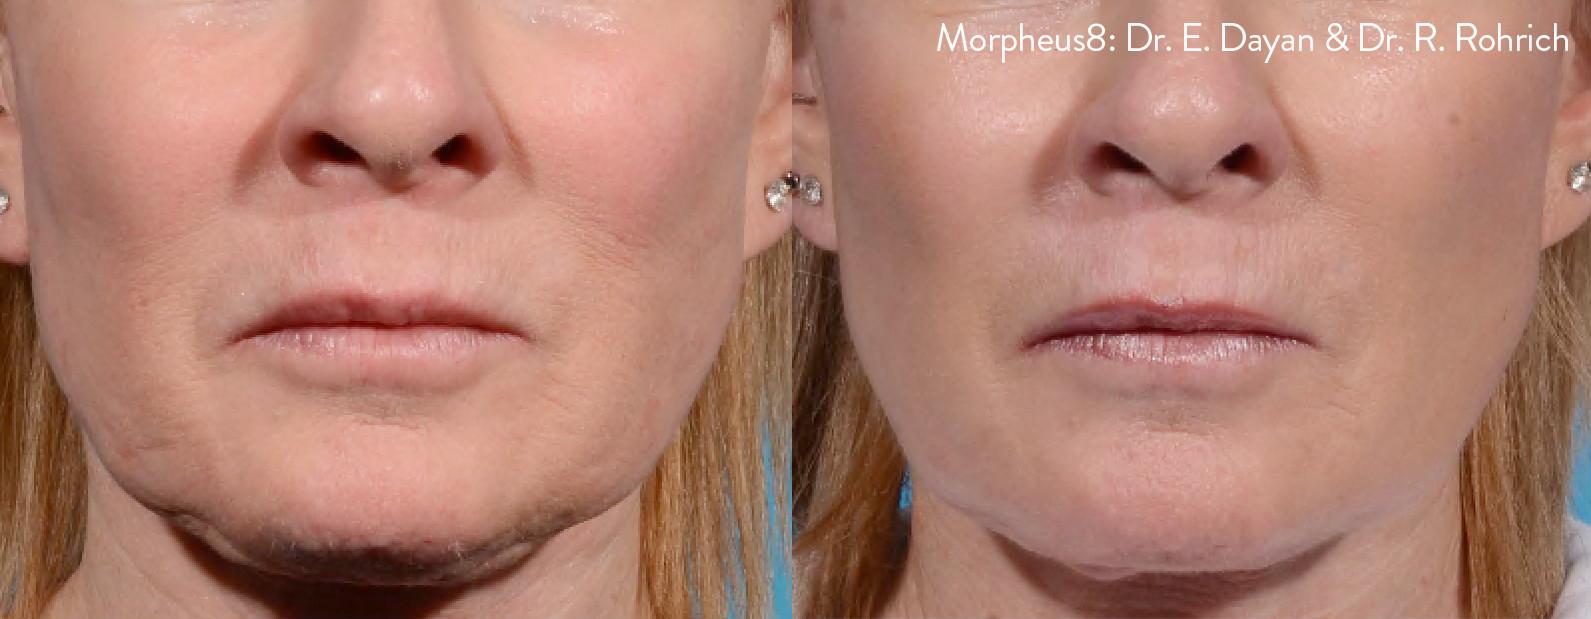 Morpheus 8 Non Surgical Face Lift